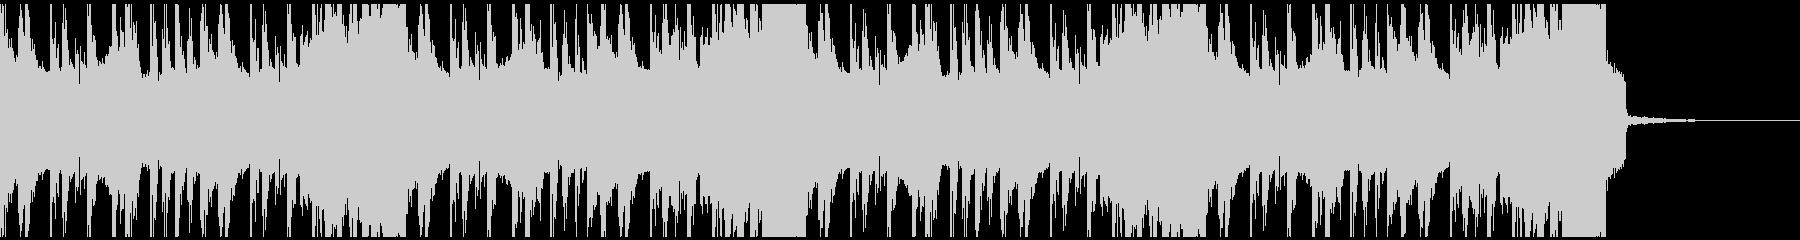 不思議でデジタルな雰囲気のイントロビートの未再生の波形